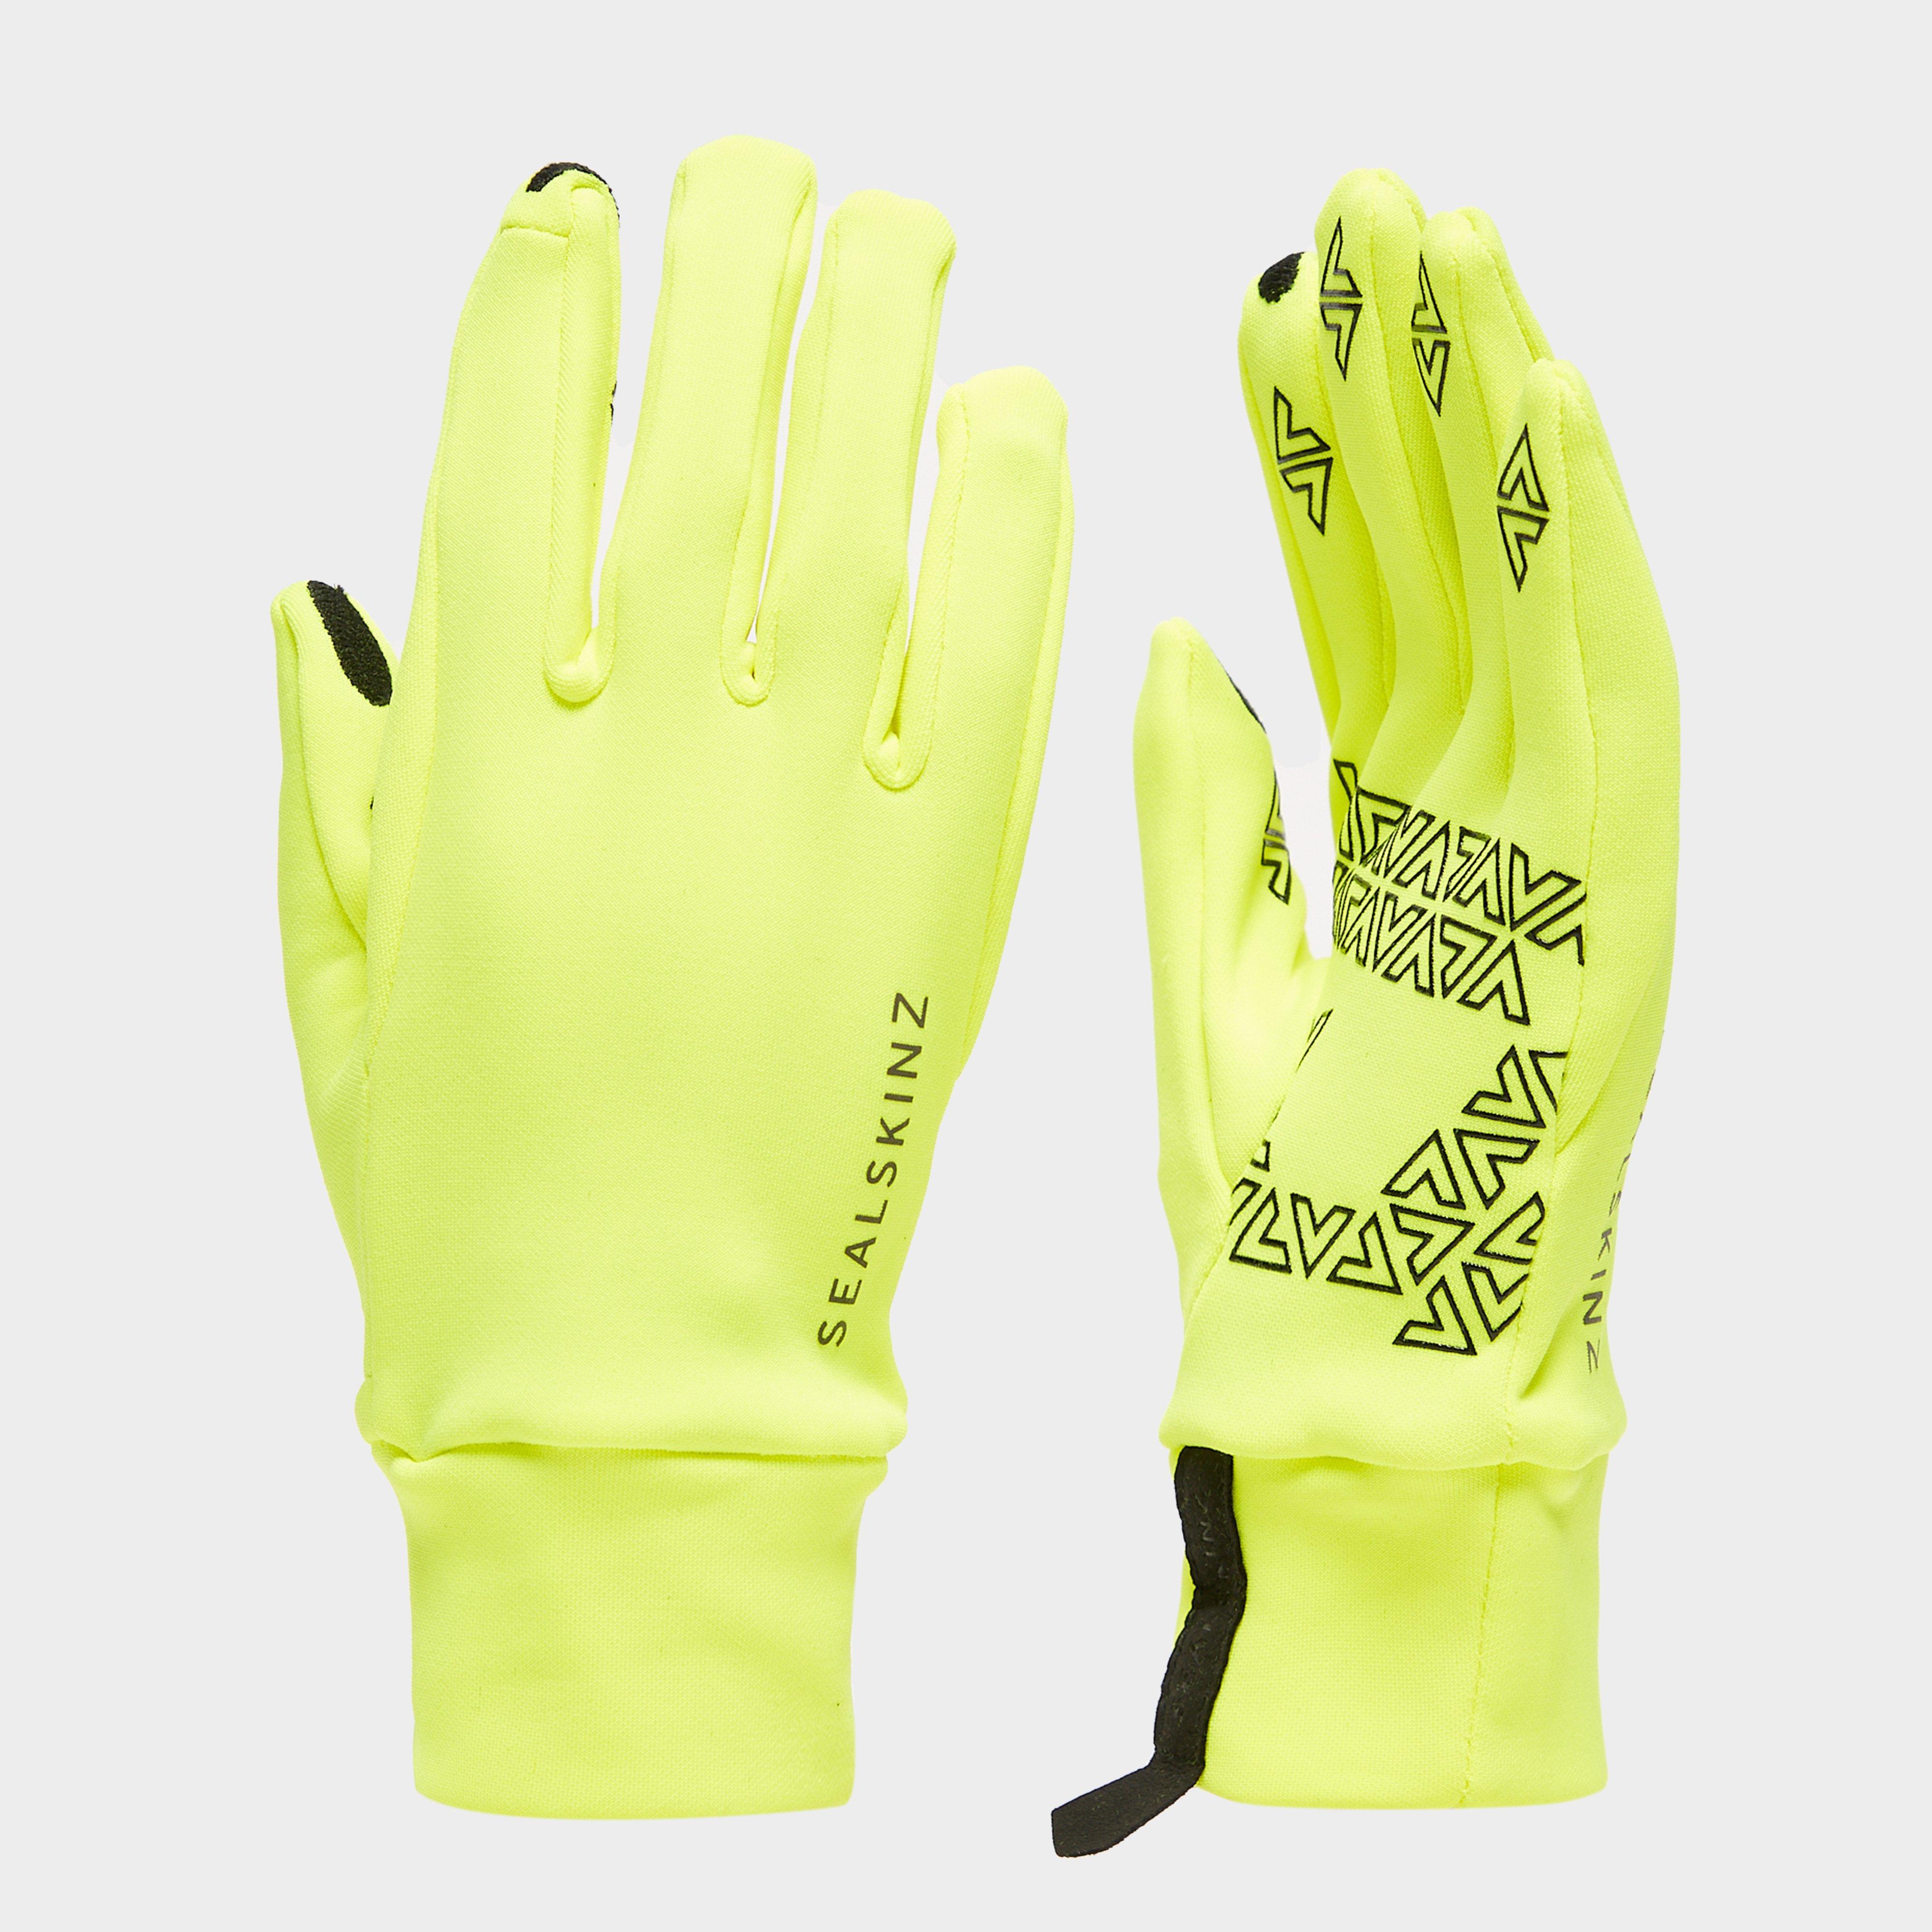 SealSkinz Sealskinz Stretch Nano Gloves - Yellow, Yellow